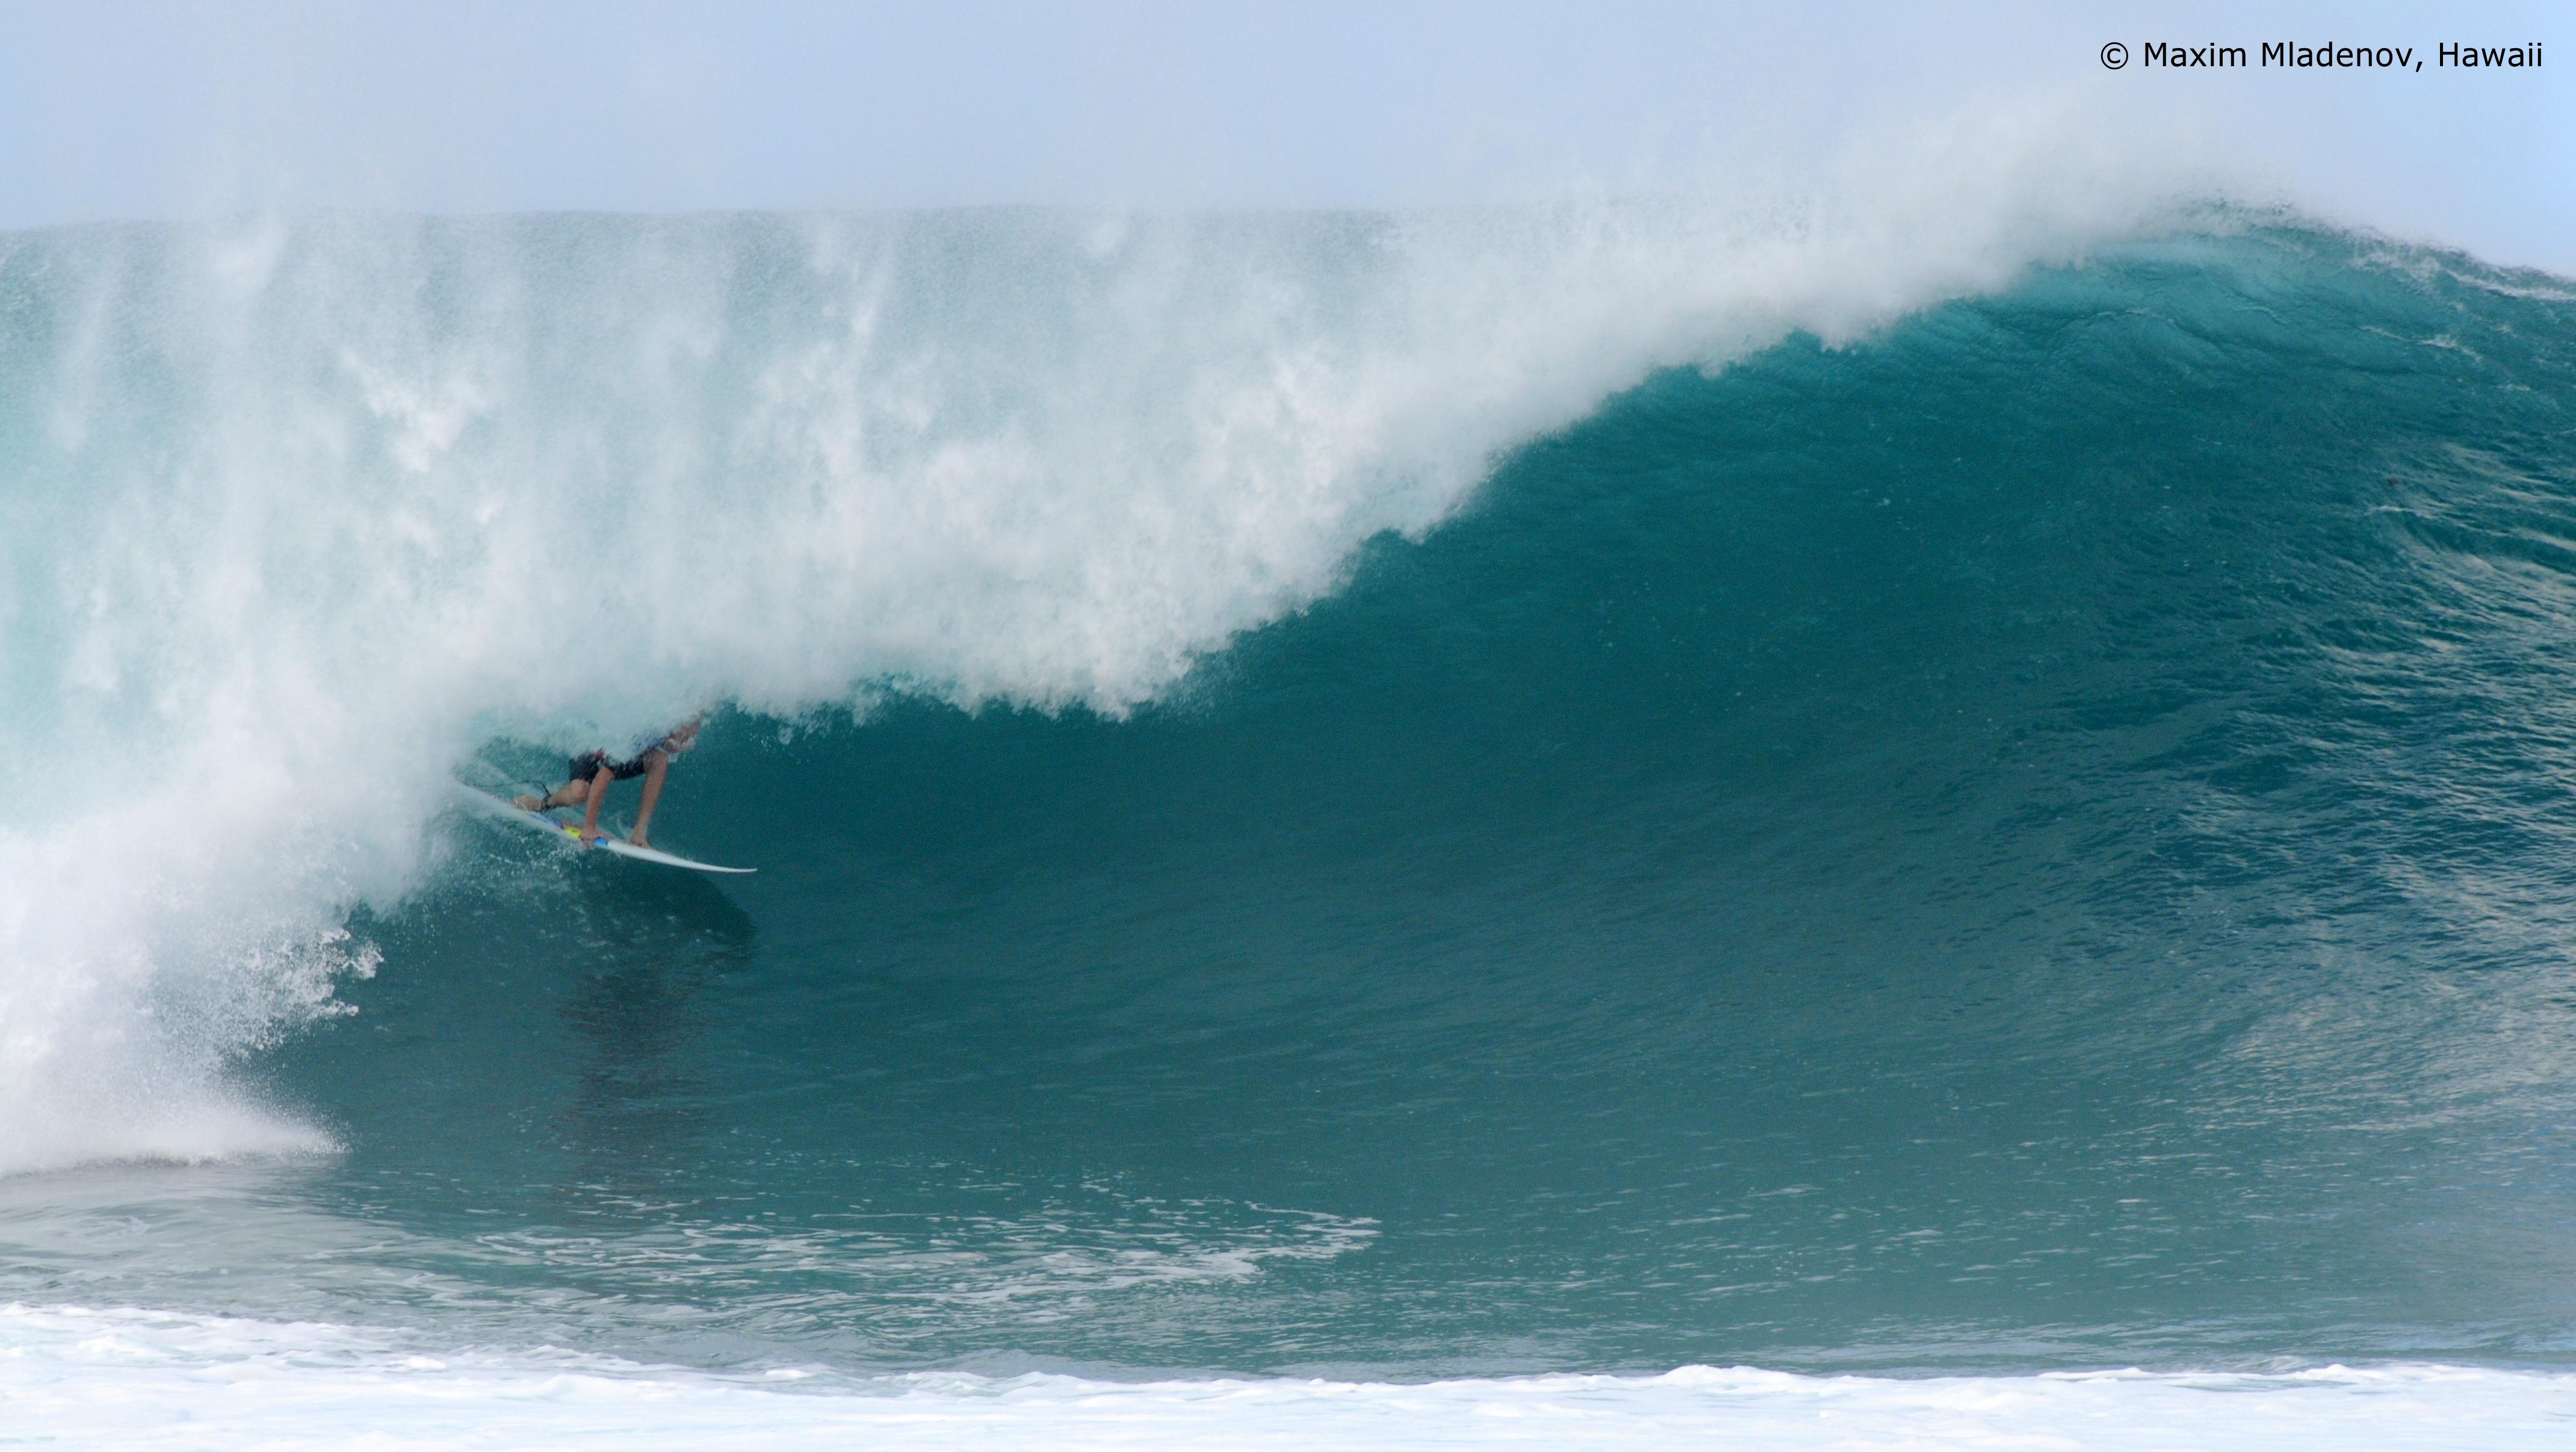 Quand faut y aller, Banzaii 03 © Maxim Mladenov, Hawaii